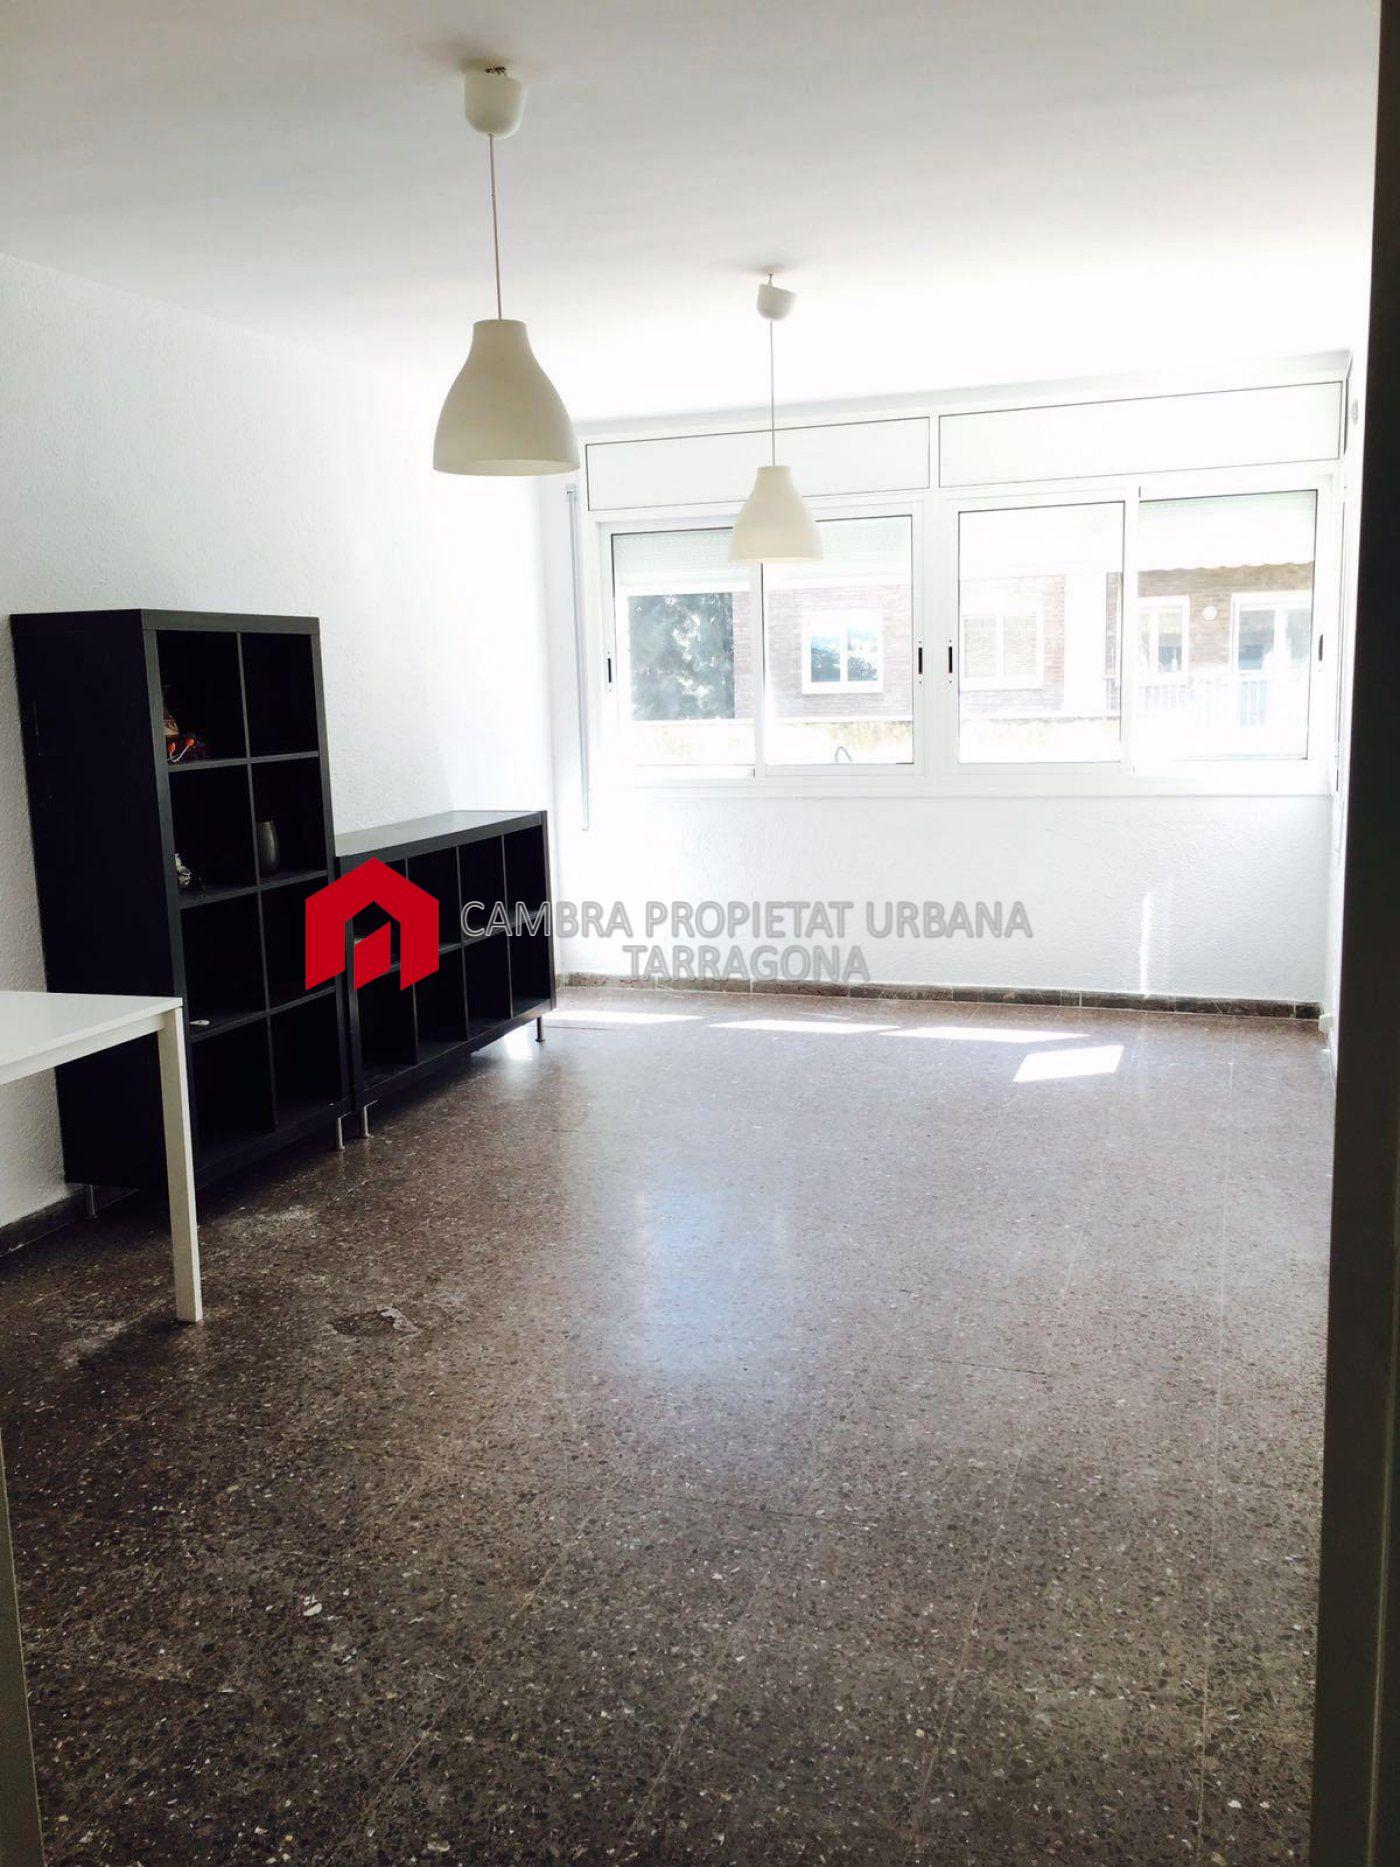 Pis · Tarragona · Barris Maritims 600€ MES€